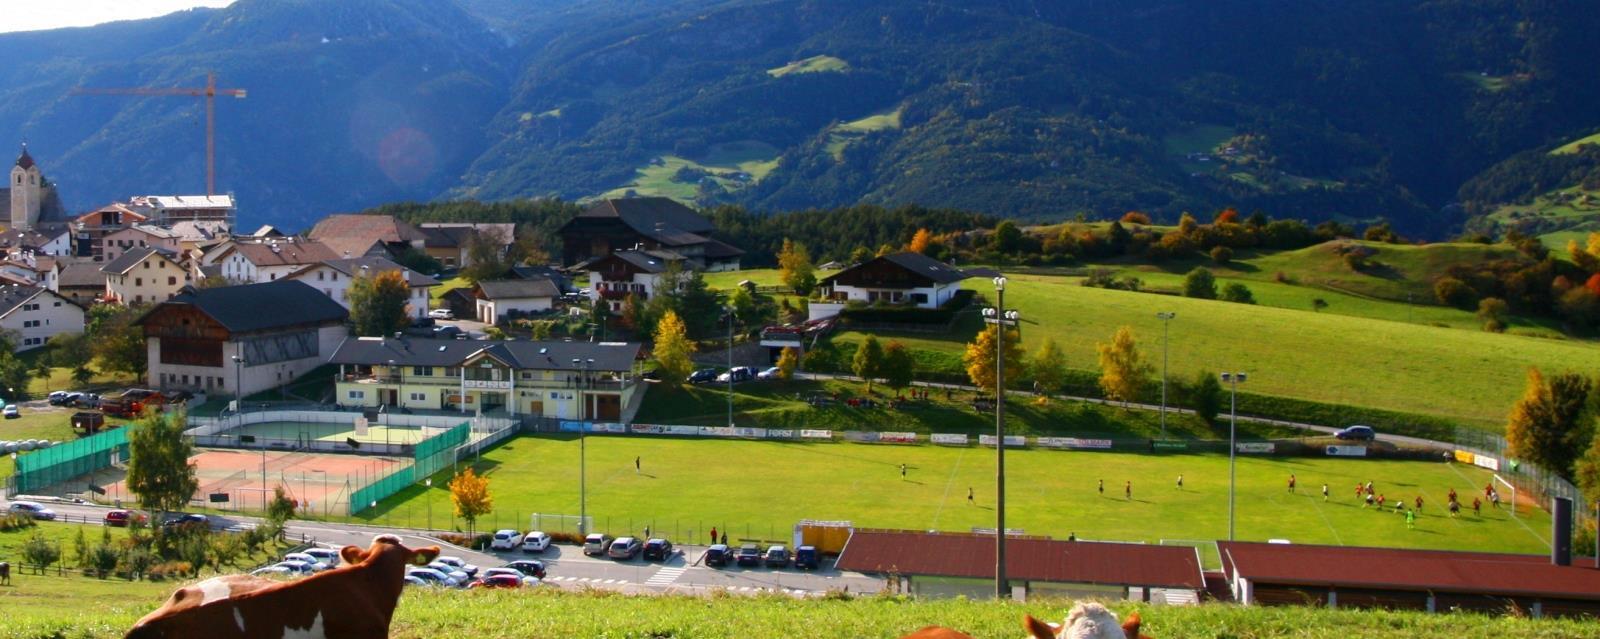 Fußballplatz - Sportzone